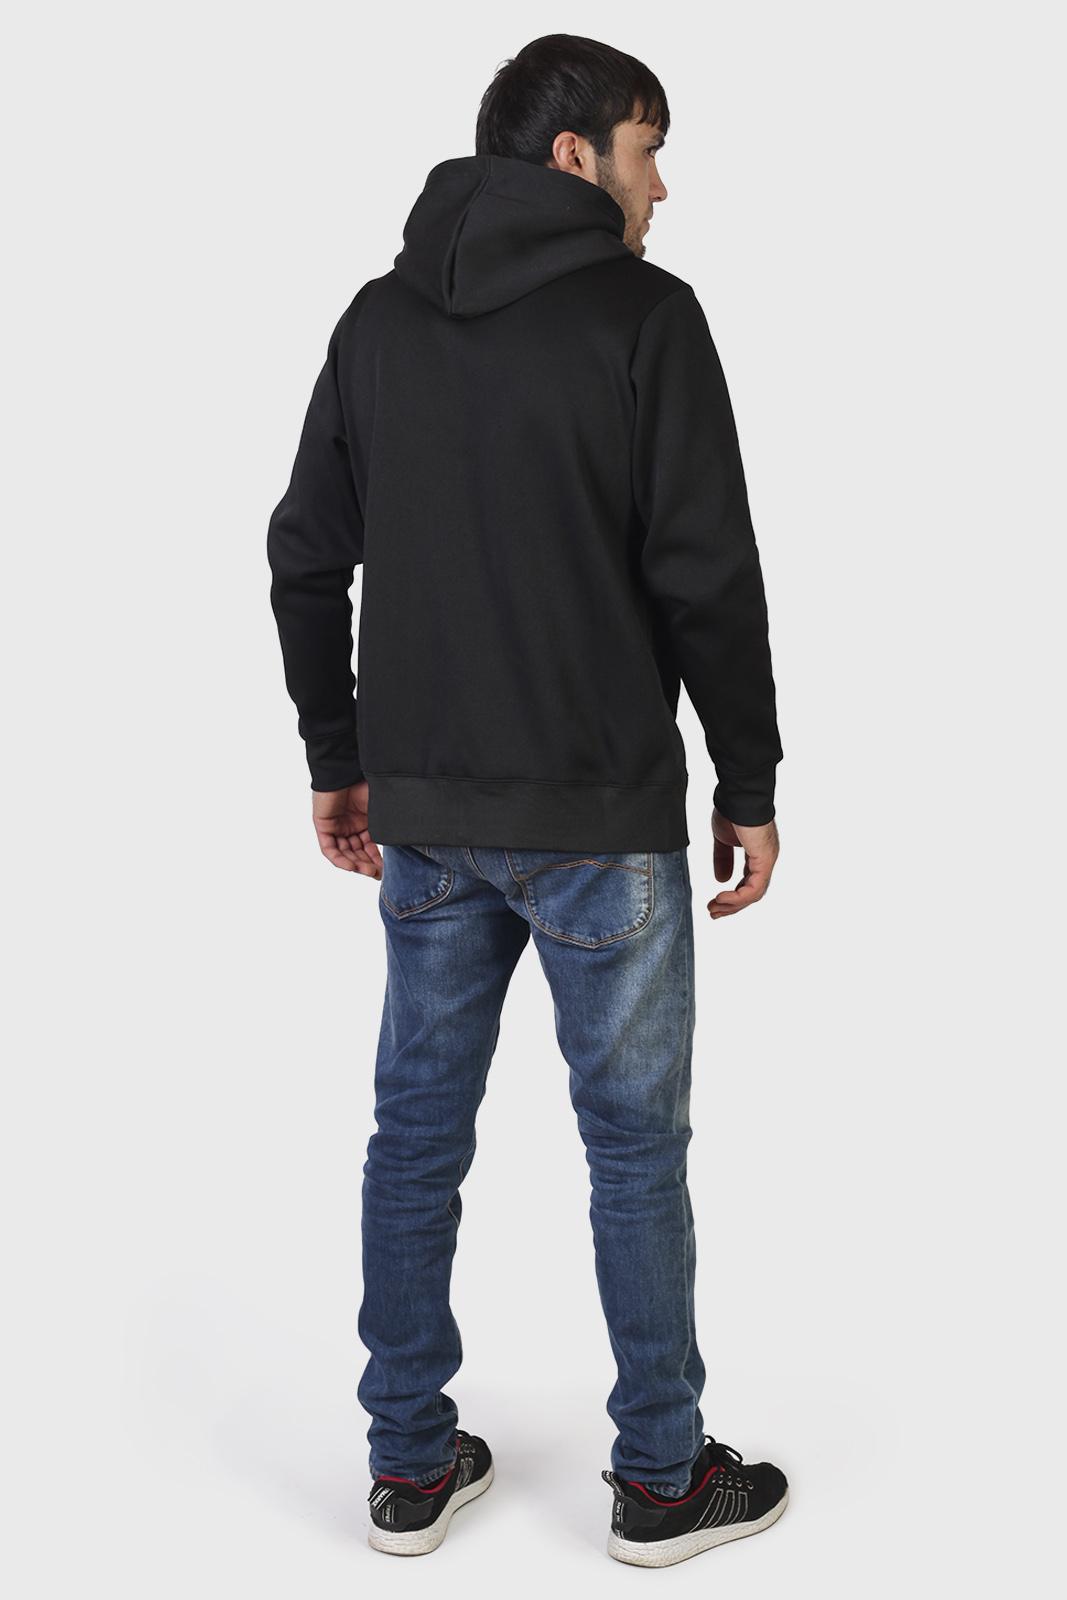 Классическая мужская кофта-толстовка с нашивкой  10 ОБрСпН купить выгодно